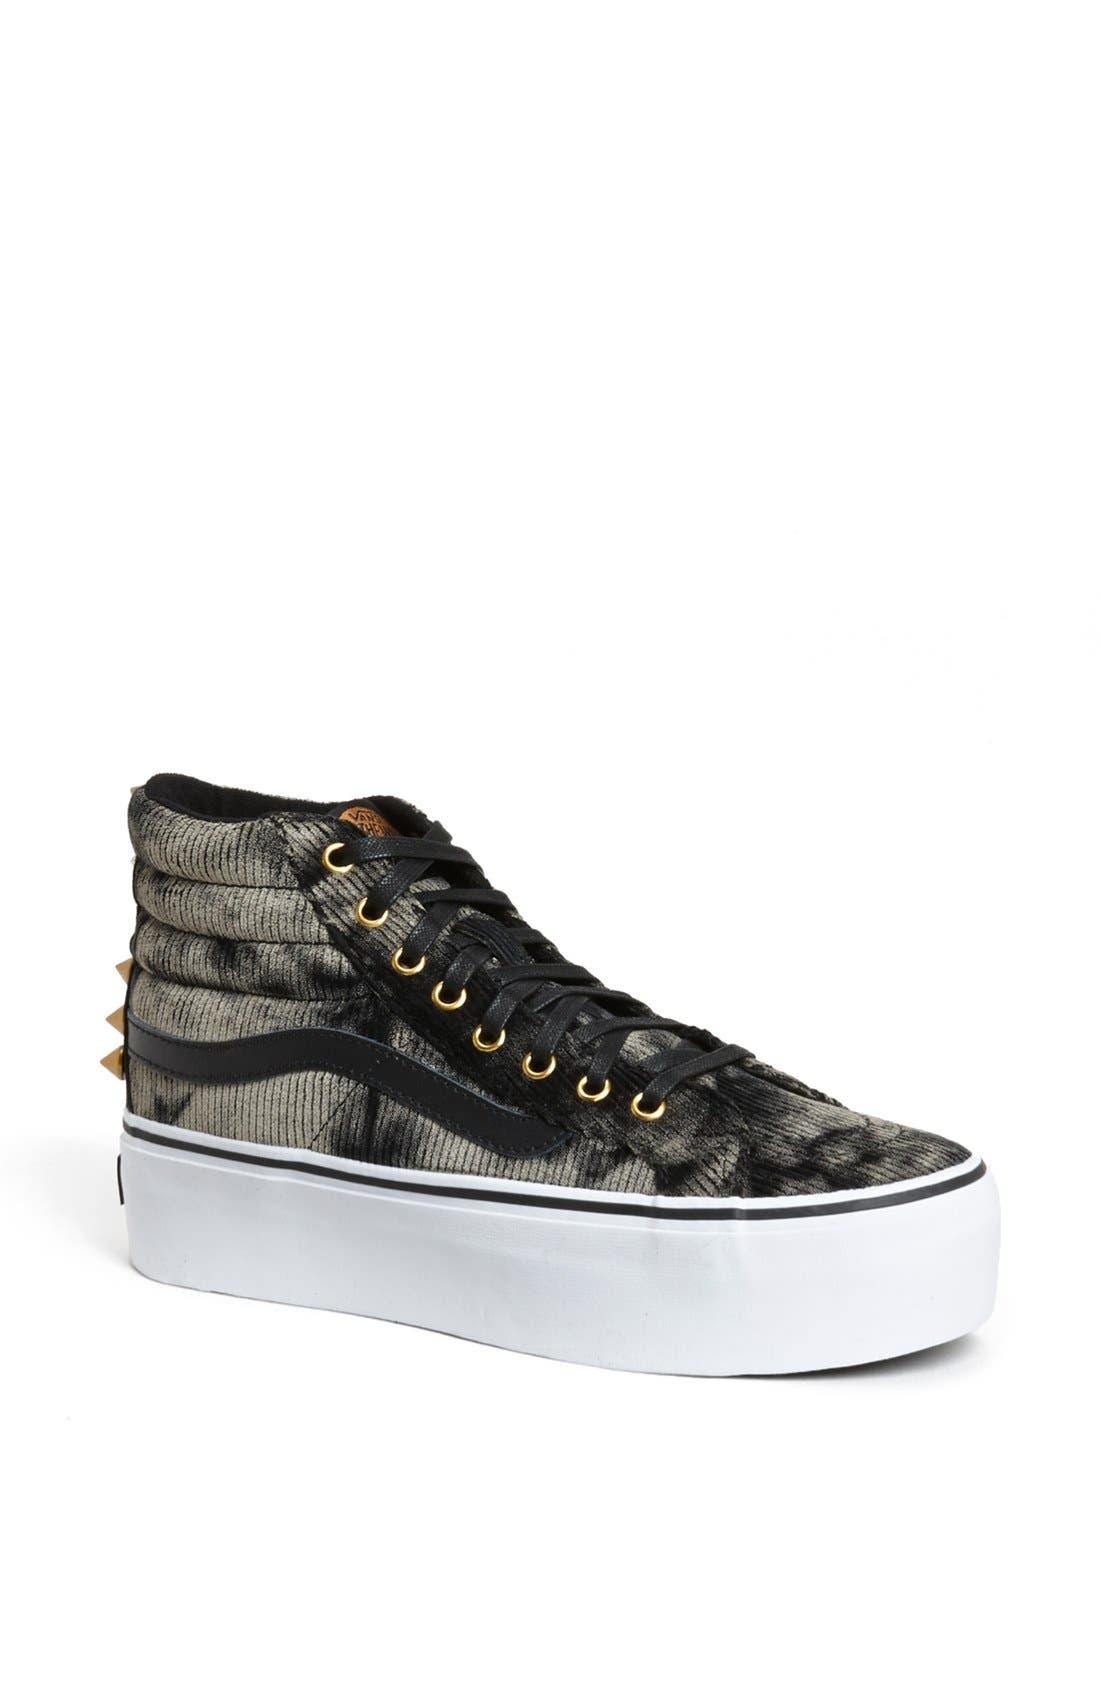 Alternate Image 1 Selected - Vans 'Sk8 HI' Studded Platform Sneaker